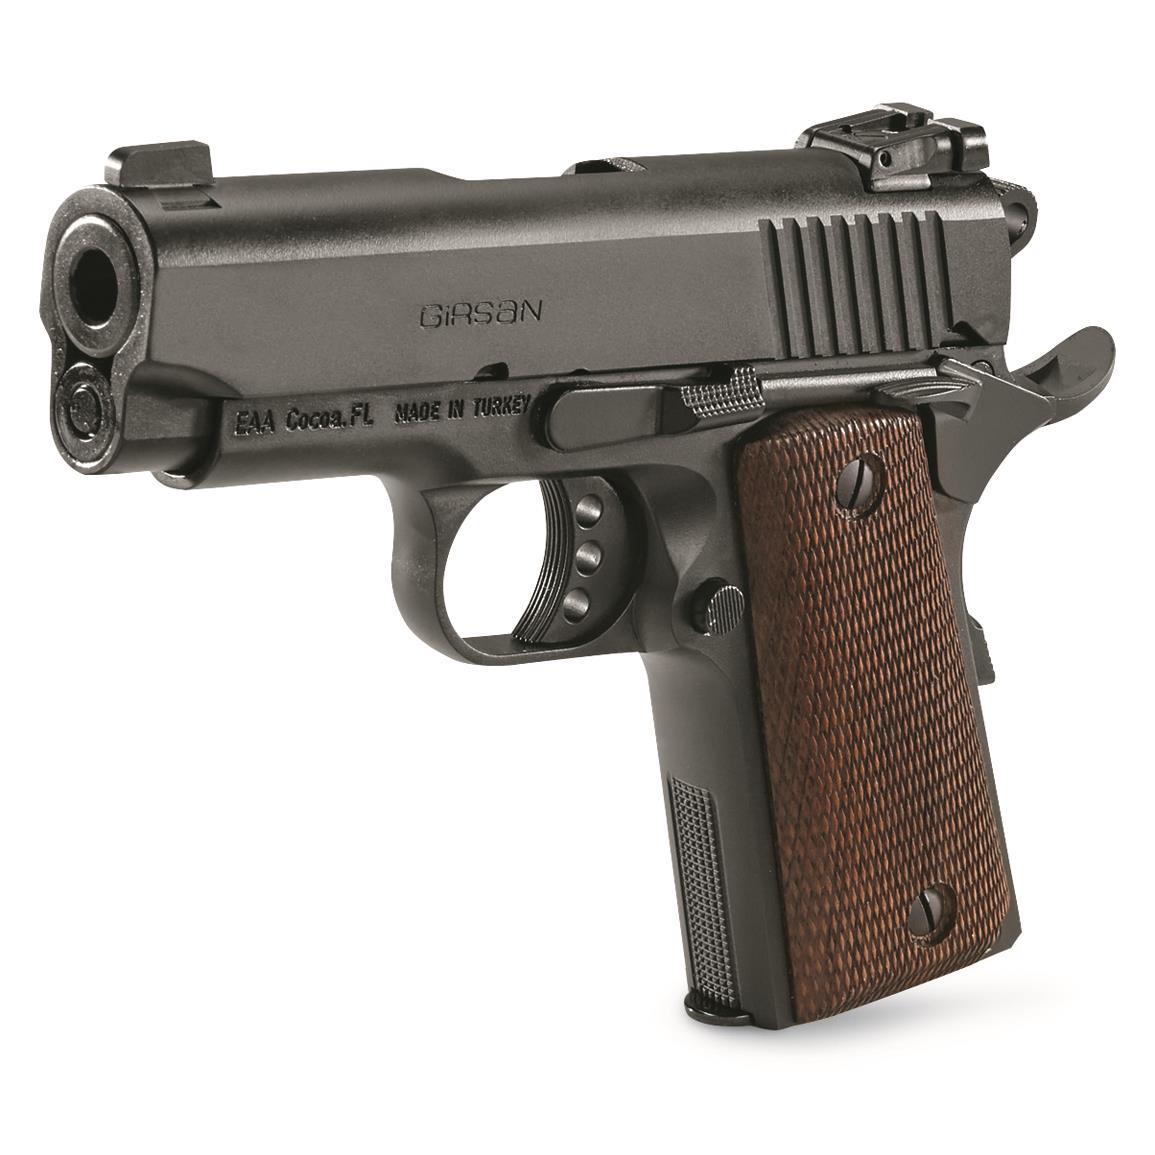 www.usa-gun-shop.com